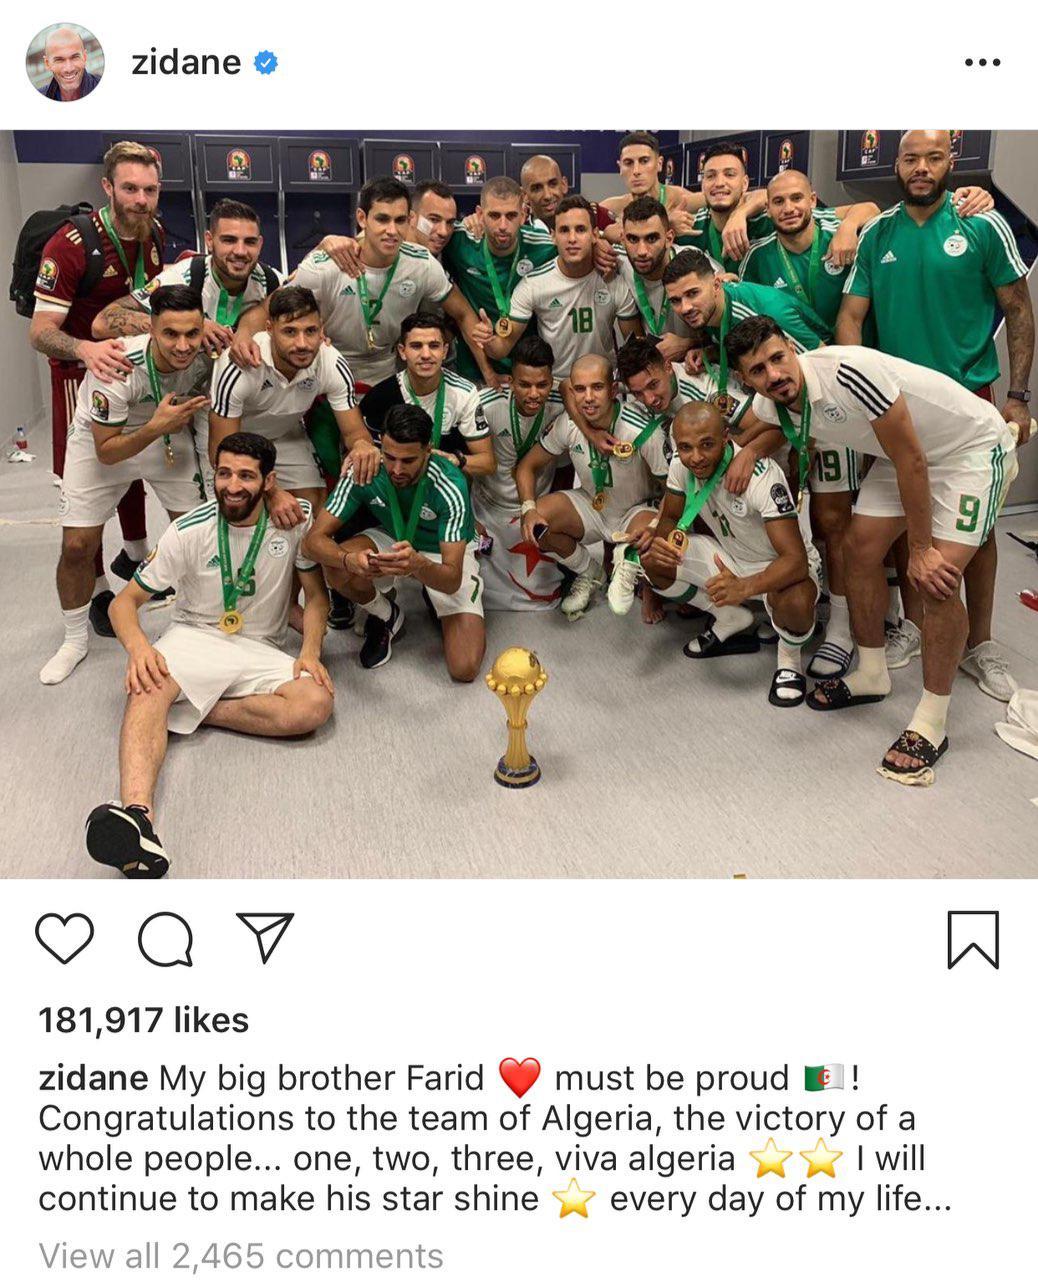 پیام تبریک زیدان به الجزایر (+عکس)